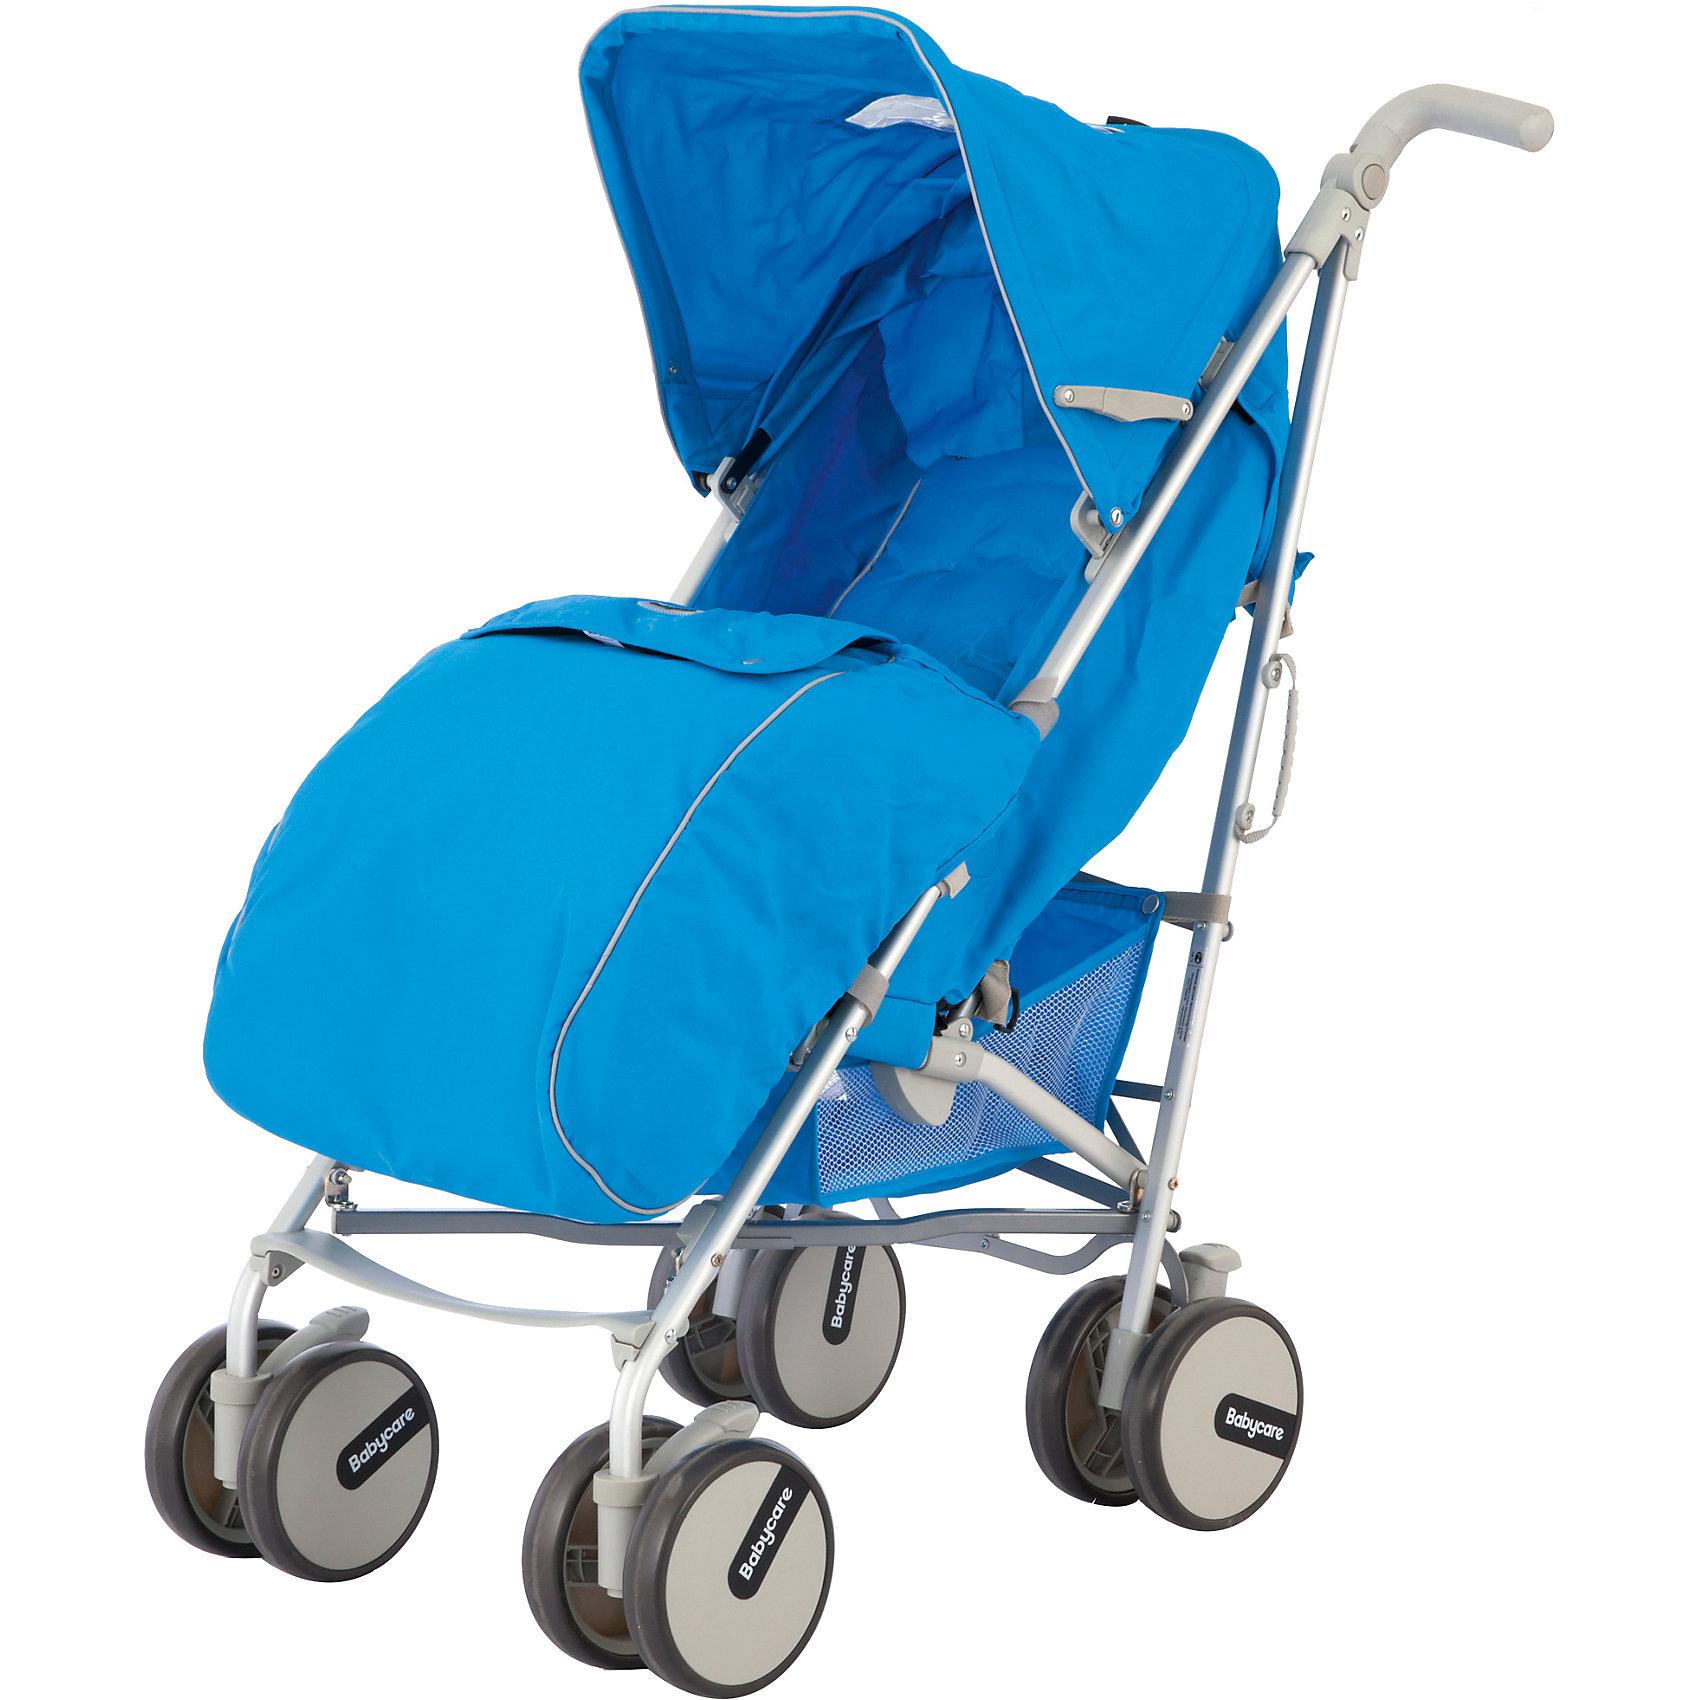 Коляска-трость Premier, Baby Care, синийКоляска-трость Premier (Премьер), Baby Care , синий – это прогулочная коляска-трость с расширенным функционалом. Здесь и полностью раскладывающийся капюшон, и 3 положения наклона спинки, и регулируемая подножка и еще множество приятных мелочей, которые редко встречаются у колясок данной категории. Мягкие сдвоенные колеса не только обеспечивают супер плавный ход коляски, но еще и стильно выглядят. Две поворотные в разных плоскостях ручки, большая корзина для вещей придется по вкусу всем мамам!<br><br>Характеристики:<br>-Тип: прогулочная<br>-Цвет: синий<br>-Механизм складывания: трость<br>-Регулировка спинки в 3 положениях <br>-Легкая алюминиевая рама <br>-5-точечные ремни безопасности <br>-Большой складной капюшон с 2-мя окошками<br>-Мягкие сдвоенные колеса из искусственной вспененной резины (пеноплена) <br>-Передние поворотные колеса с фиксатором<br>-Регулируемые в разных плоскостях ручки <br>-Стояночные тормоза на задних колесах <br>-Регулировка высоты ручки: есть<br><br>Комплектация: чехол на ноги, сетка для продуктов<br><br>Дополнительная информация:<br>-Вес коляски: 7 кг<br>-Габариты: 65х32х21 см<br>-Диаметр колёс: 15 см<br>-Ширина колёсной базы: 46 см<br>-Габариты в сложенном виде: 72x46 см<br>-Материалы: пеноплен, пластик, алюминий, текстиль<br><br>Компактная Коляска-трость Premier (Премьер), Baby Care , синий идеально подходит для приятных путешествий, ведь она очень компактна легко и быстро складывается одной рукой!<br><br>Коляска-трость Premier (Премьер), Baby Care , синий можно купить в нашем магазине.<br><br>Ширина мм: 720<br>Глубина мм: 460<br>Высота мм: 210<br>Вес г: 7500<br>Возраст от месяцев: 6<br>Возраст до месяцев: 36<br>Пол: Унисекс<br>Возраст: Детский<br>SKU: 4125329